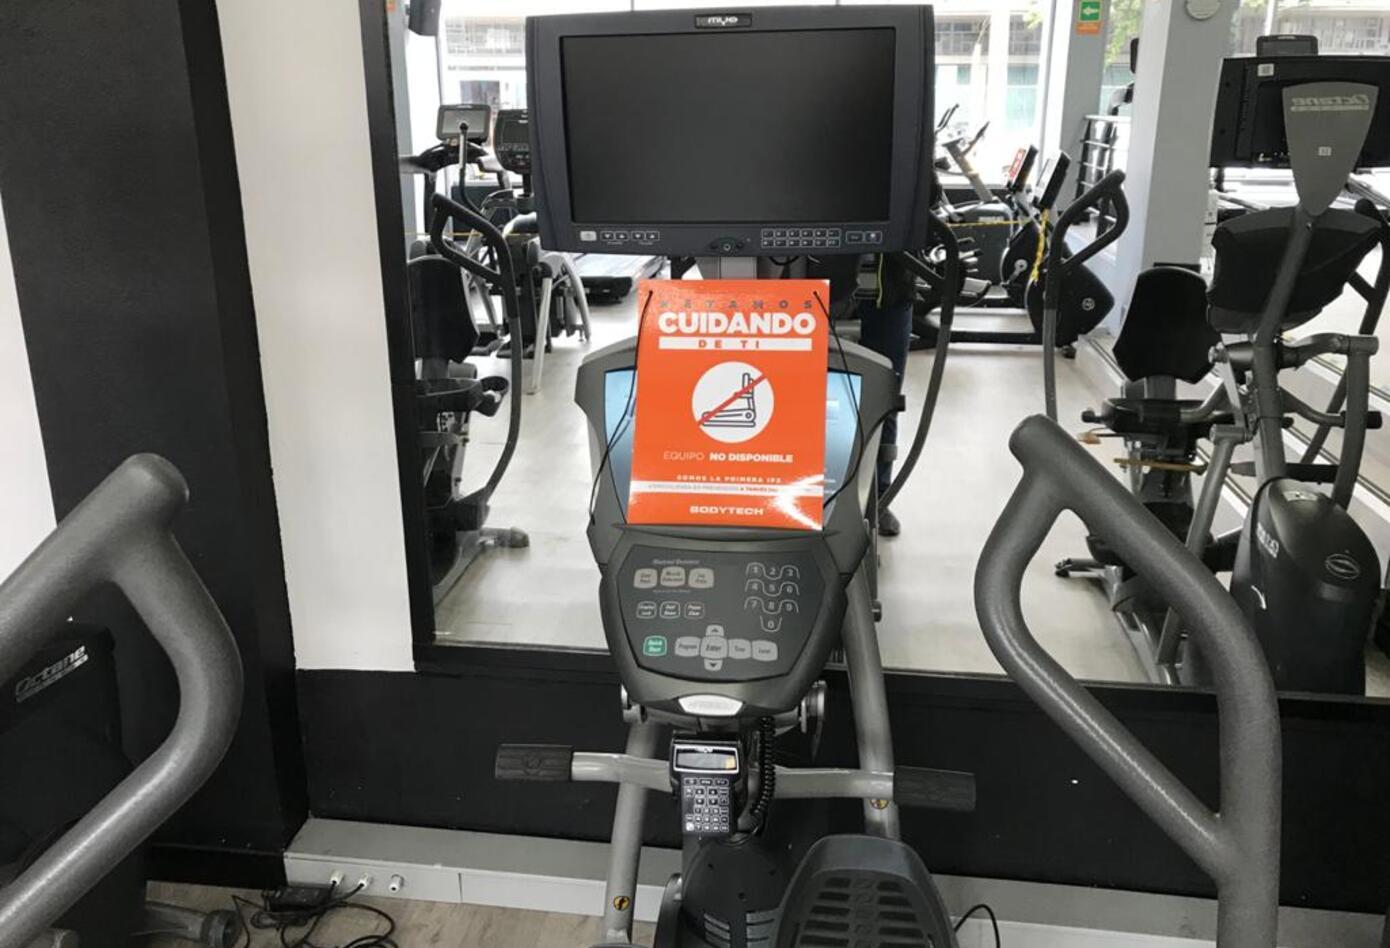 Algunas máquinas deben ser inhabilitadas para garantizar la distancia social.